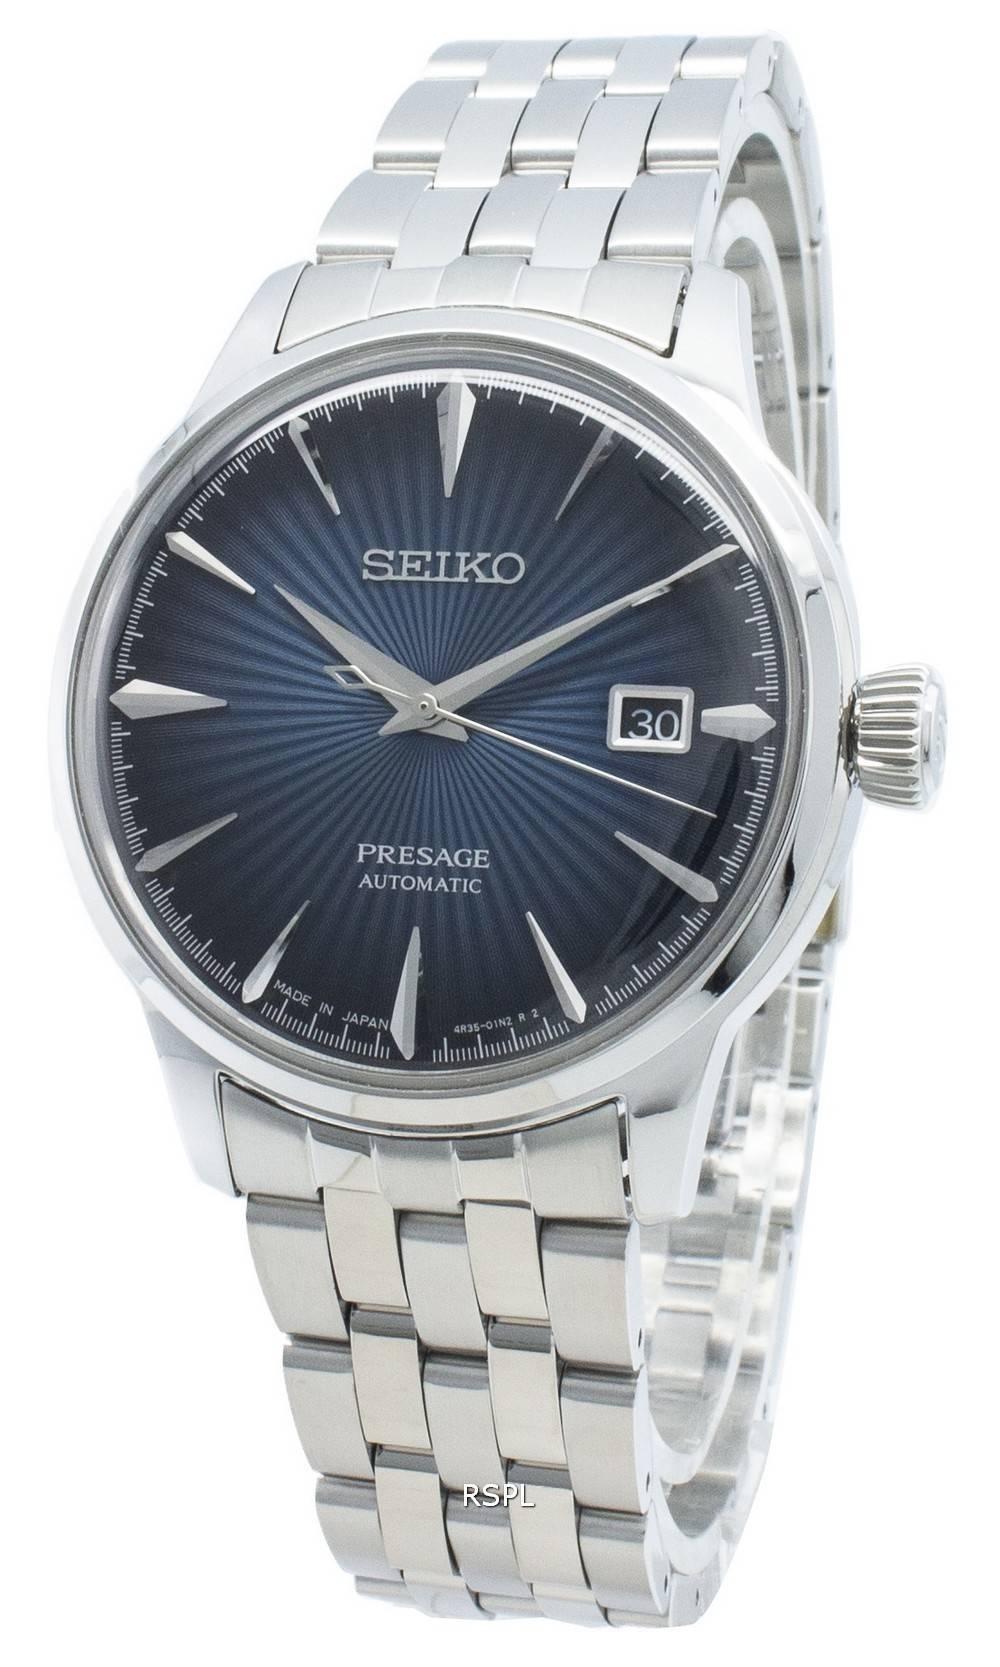 Seiko Presage SARY123 automaattinen japanilainen miesten kello